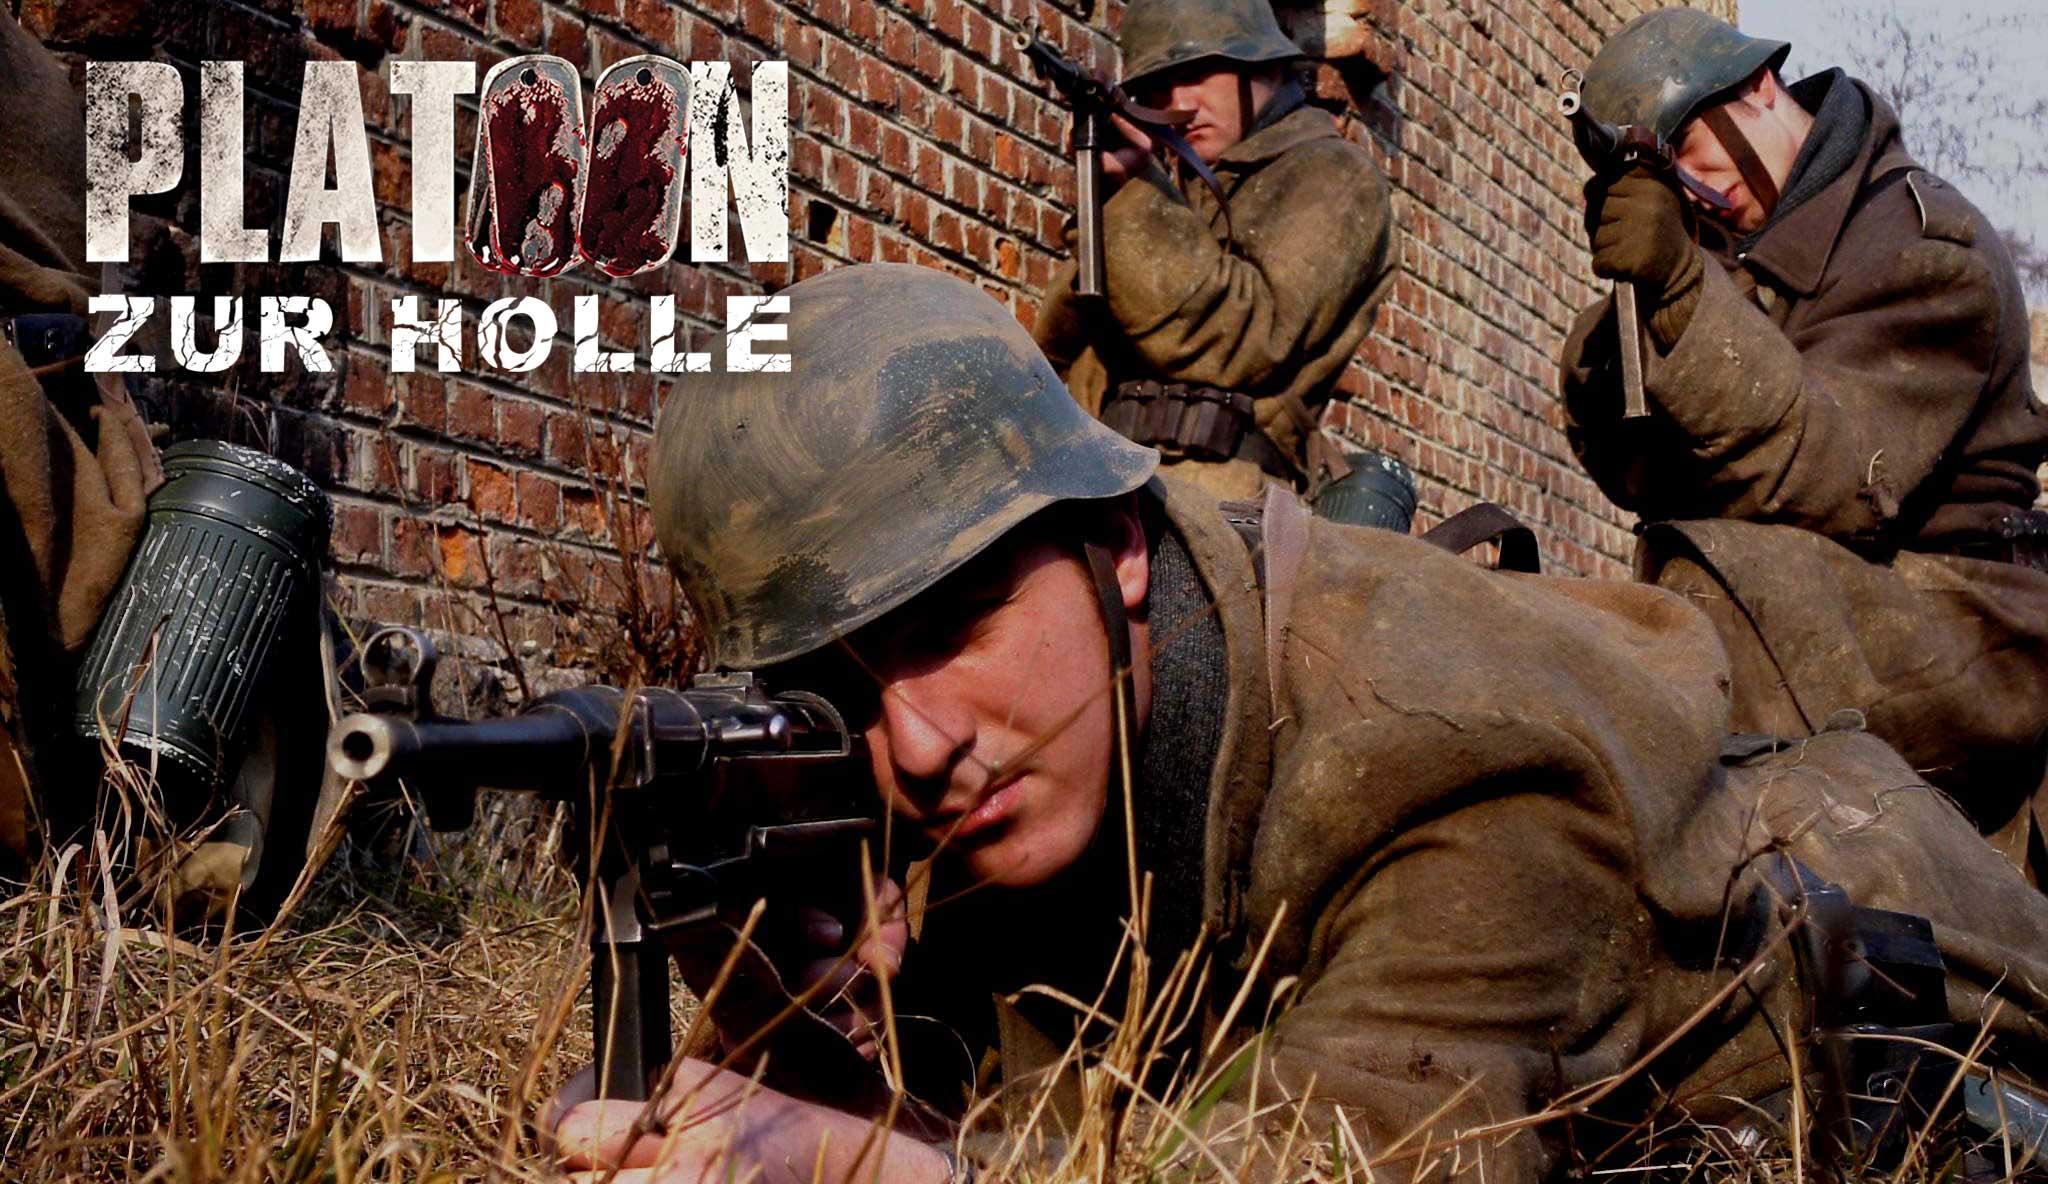 straight-into-darkness-platoon-zur-holle\header.jpg